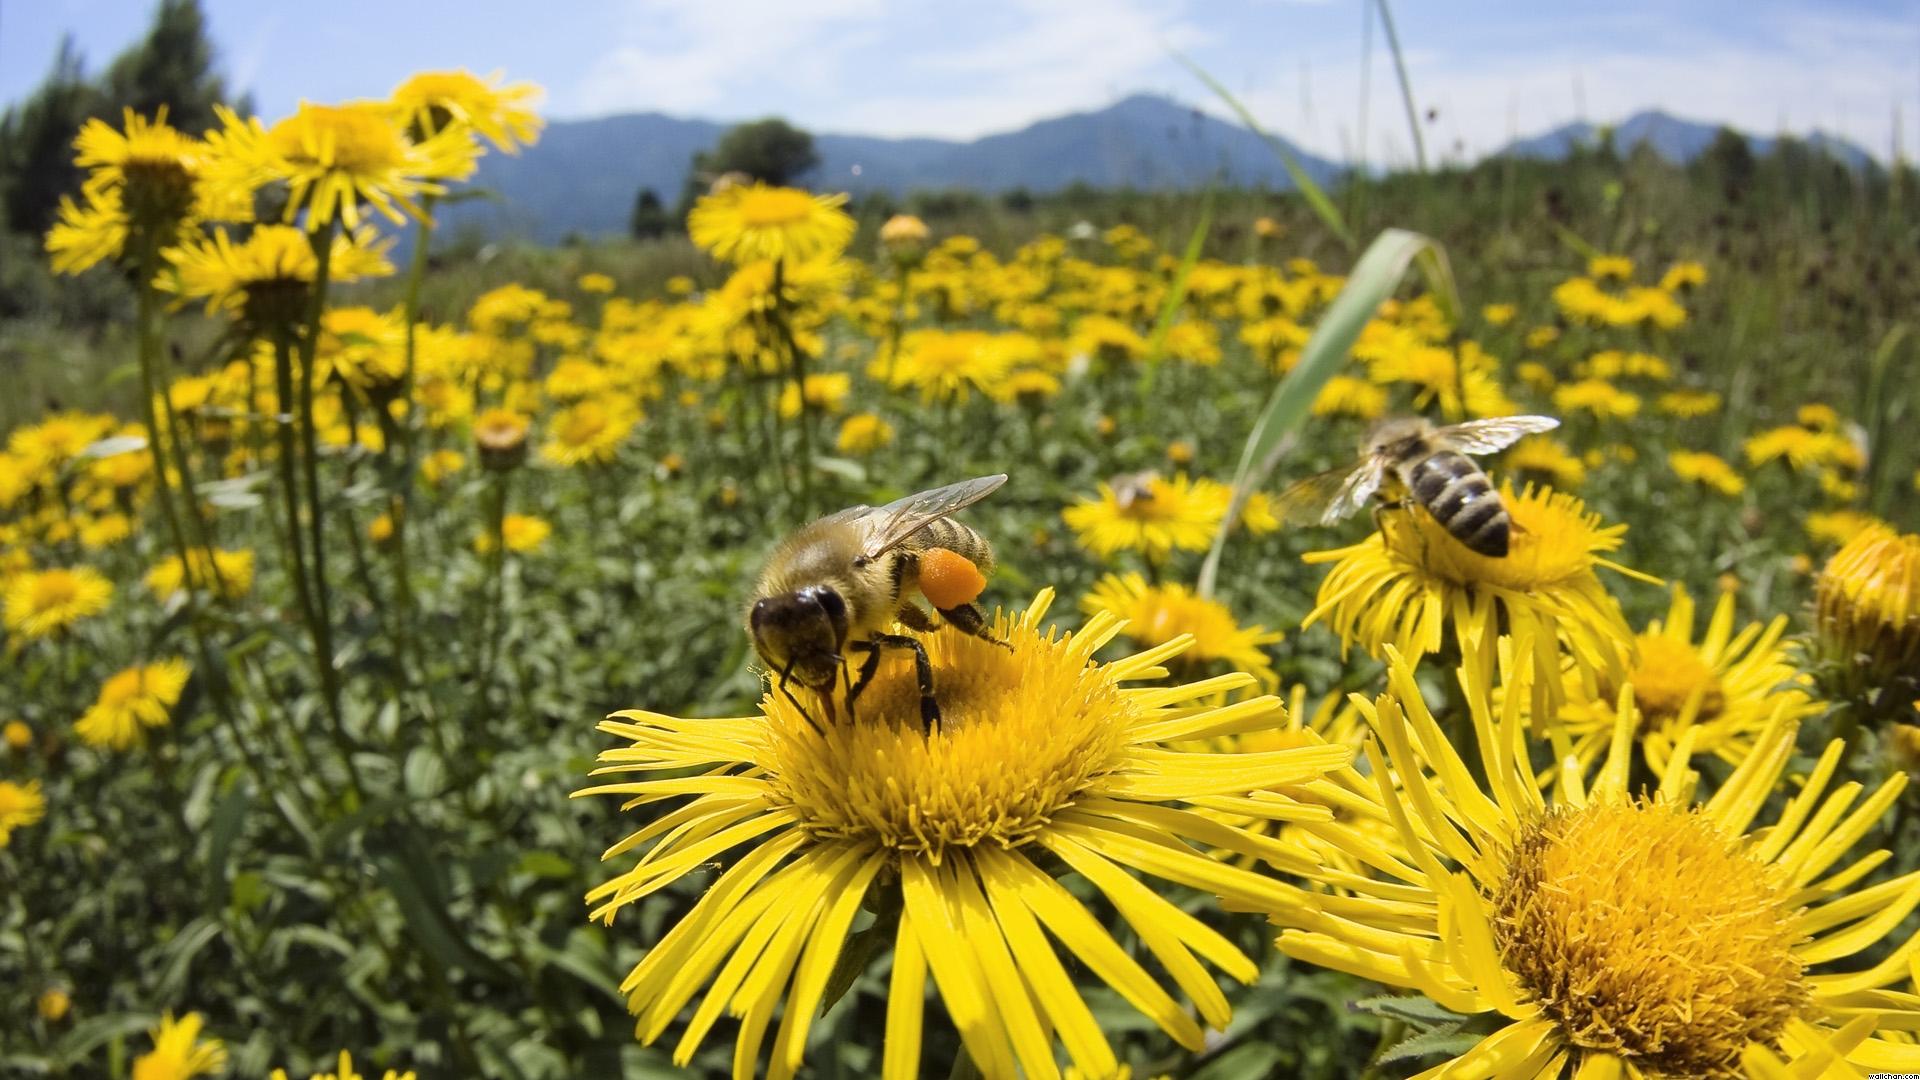 ahc3ad-estan-las-abejas-libando-nectar-de-la-flor-y-polinizando-con-el-culete